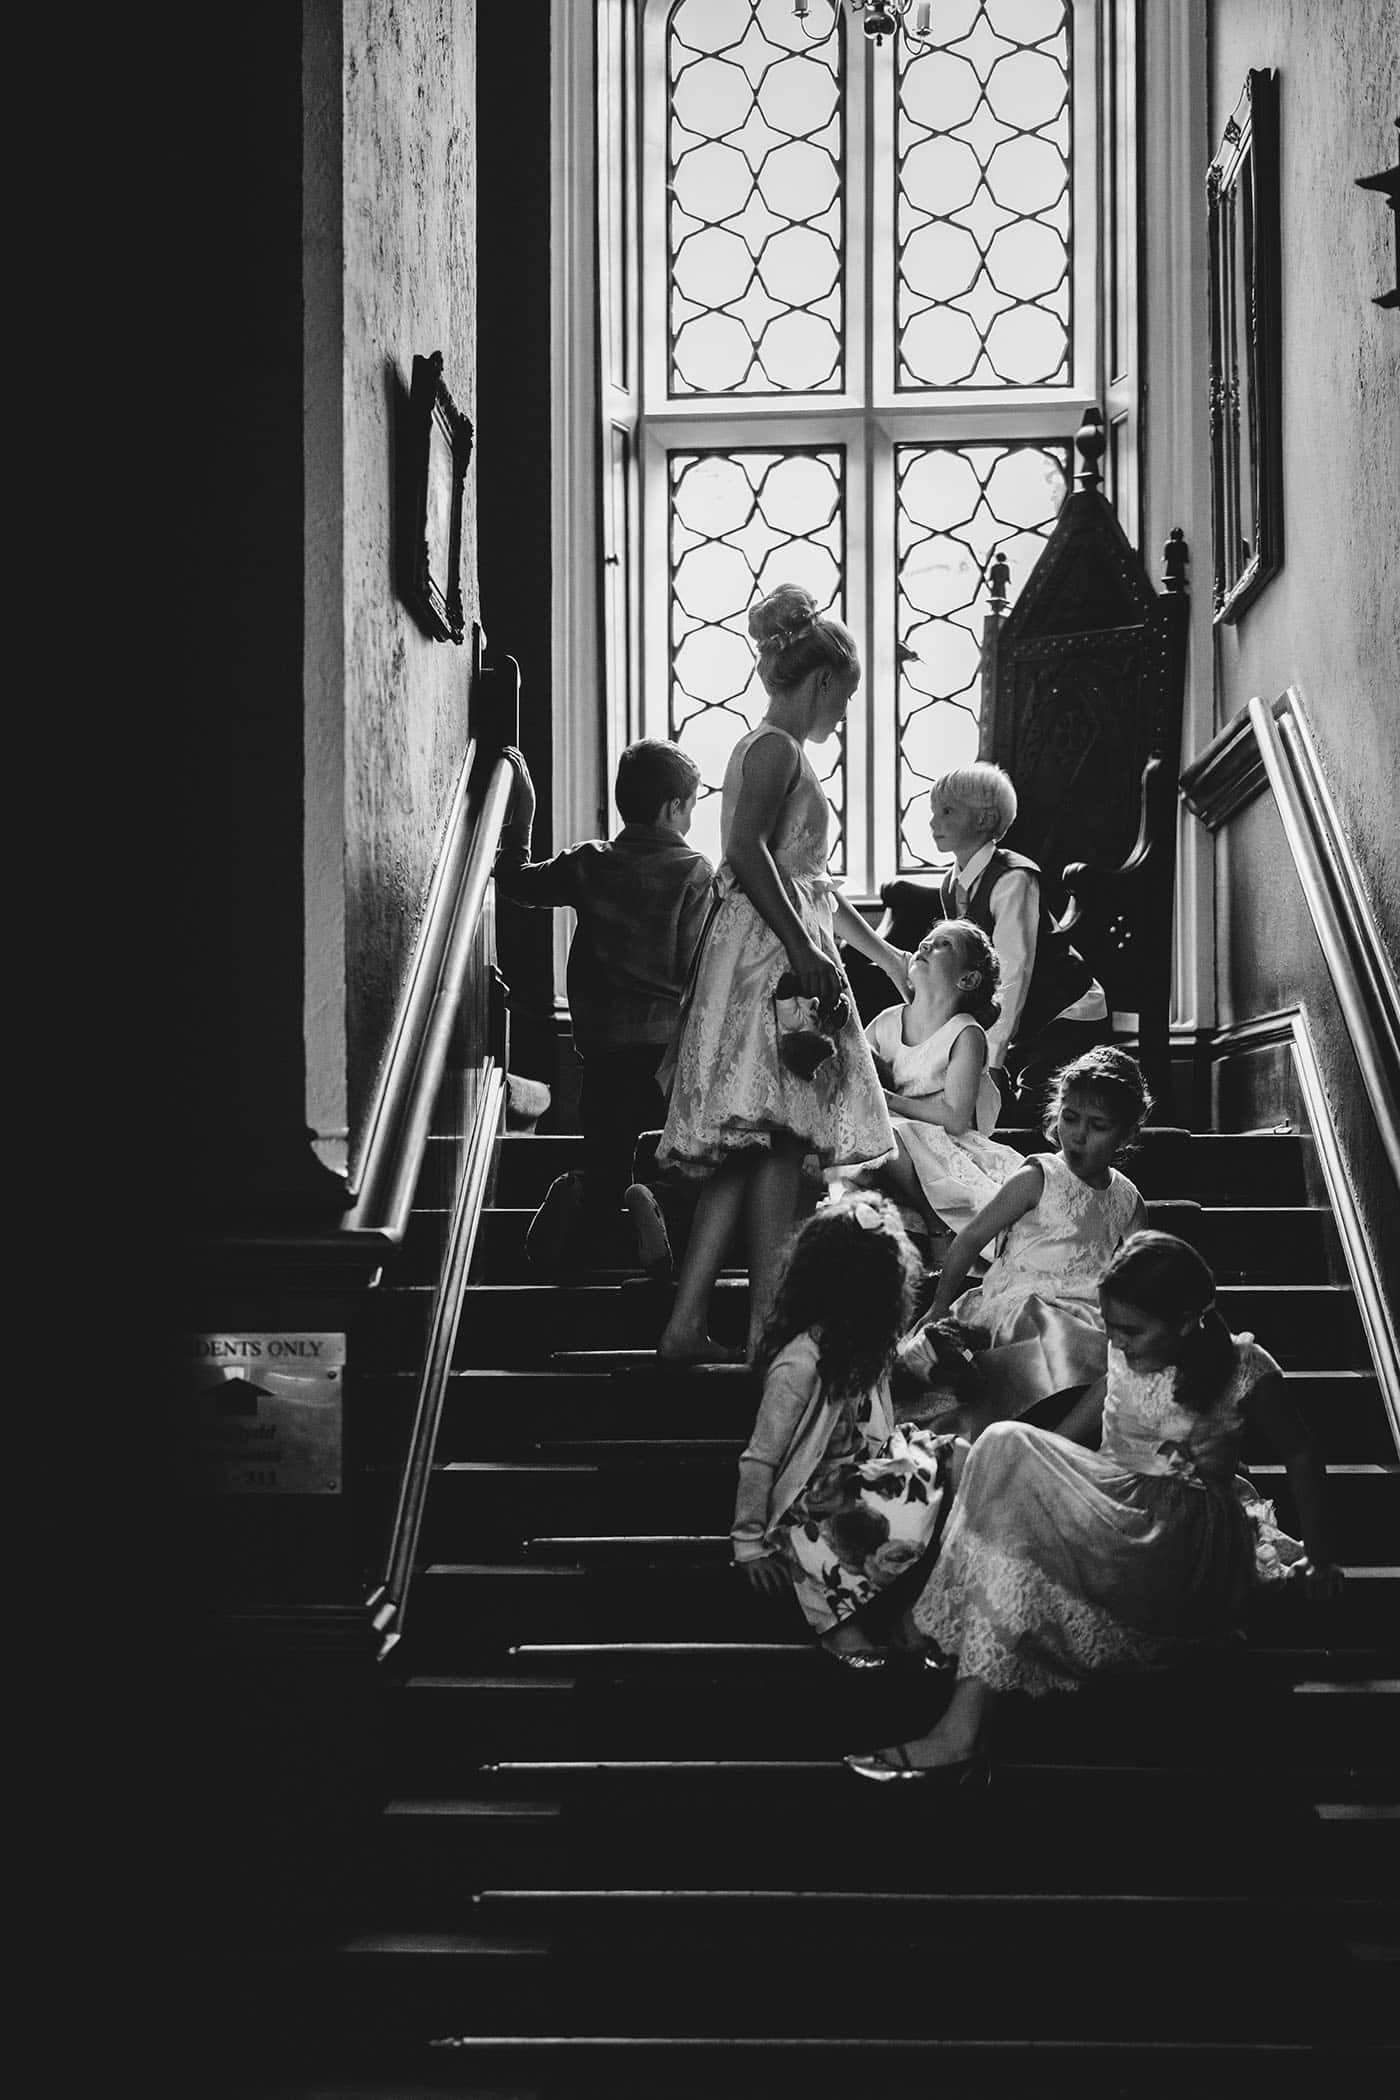 shropshire wedding photographer 08